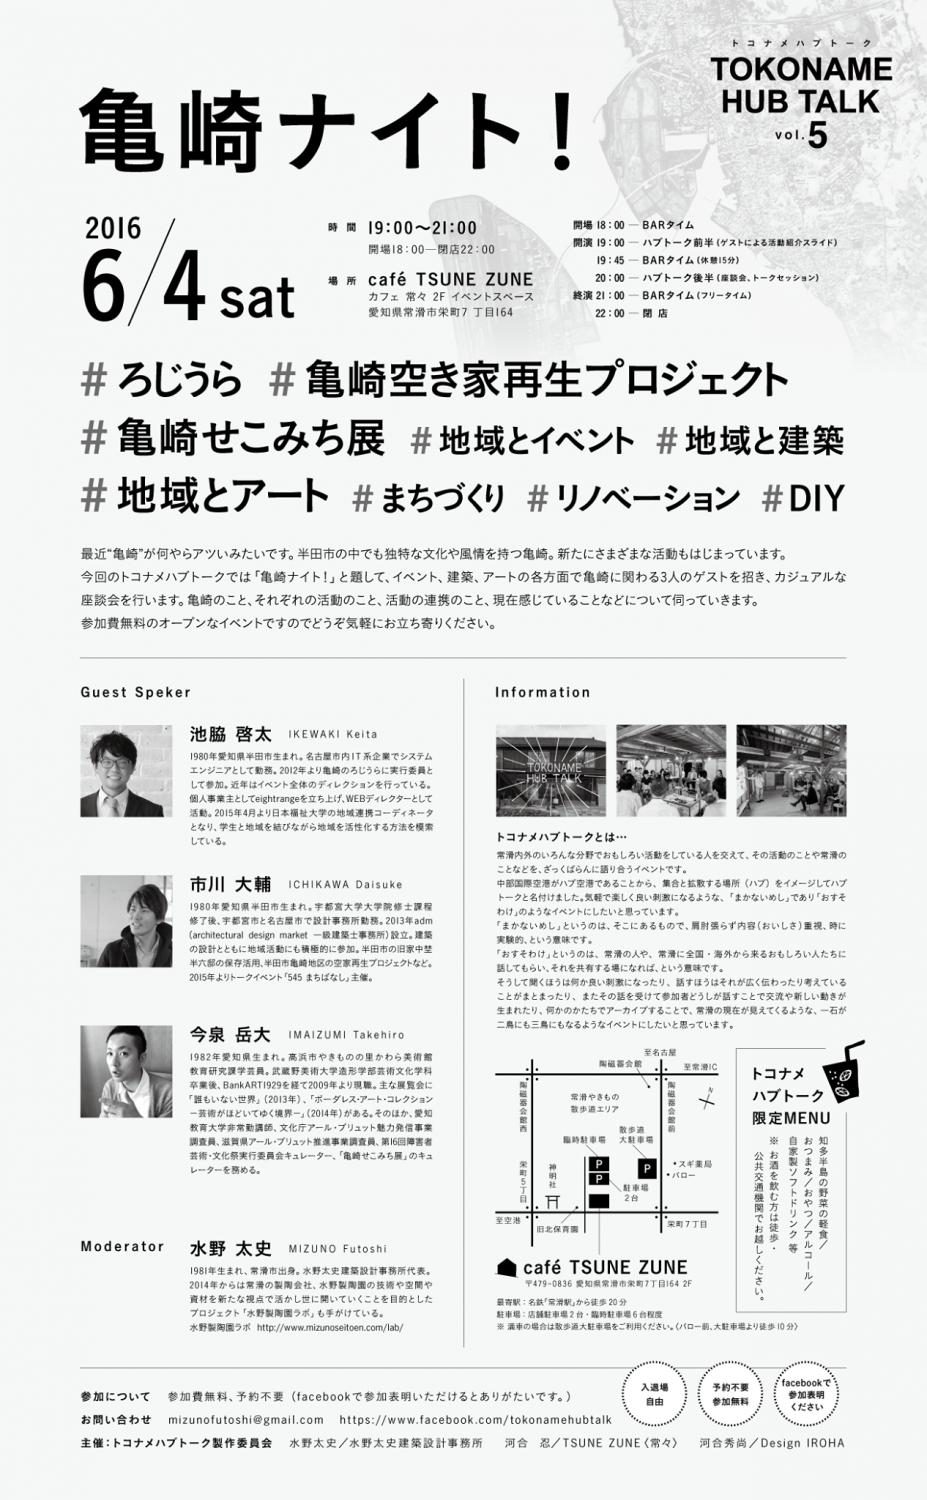 トコナメハブトーク vol.5